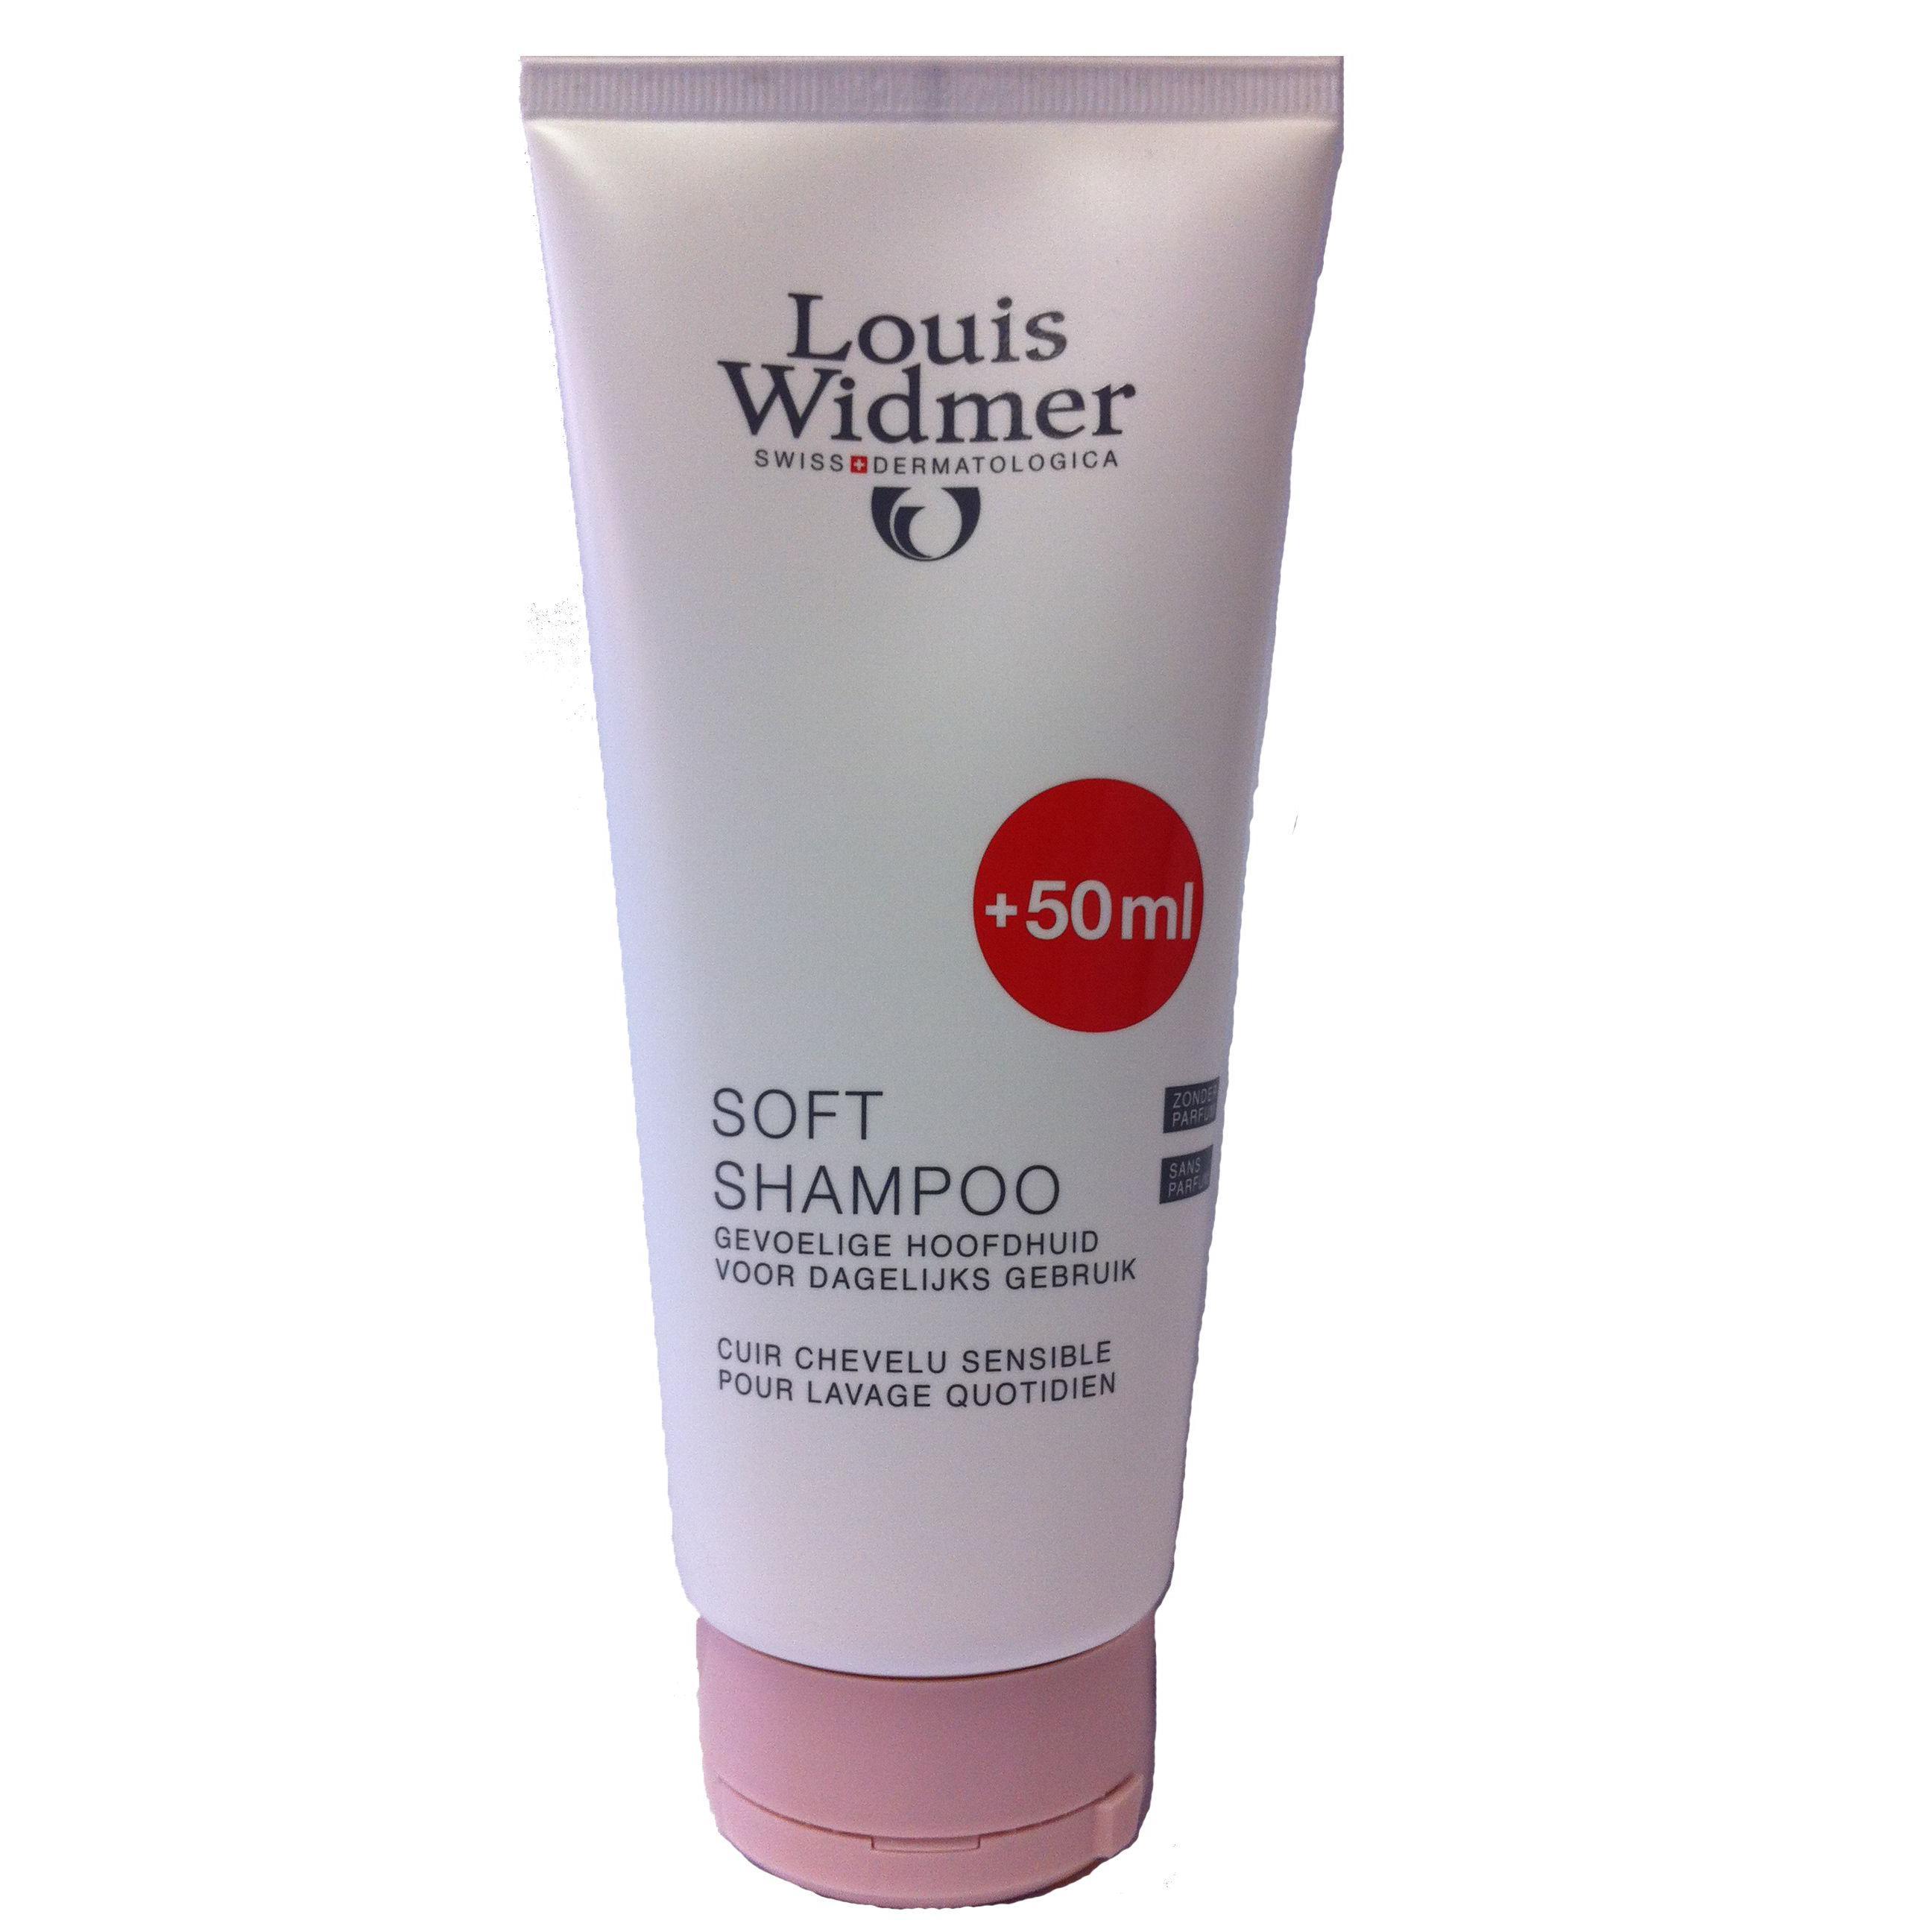 Louis Widmer Soft Shampoo parfümiert Sonderangebot 50ml gratis